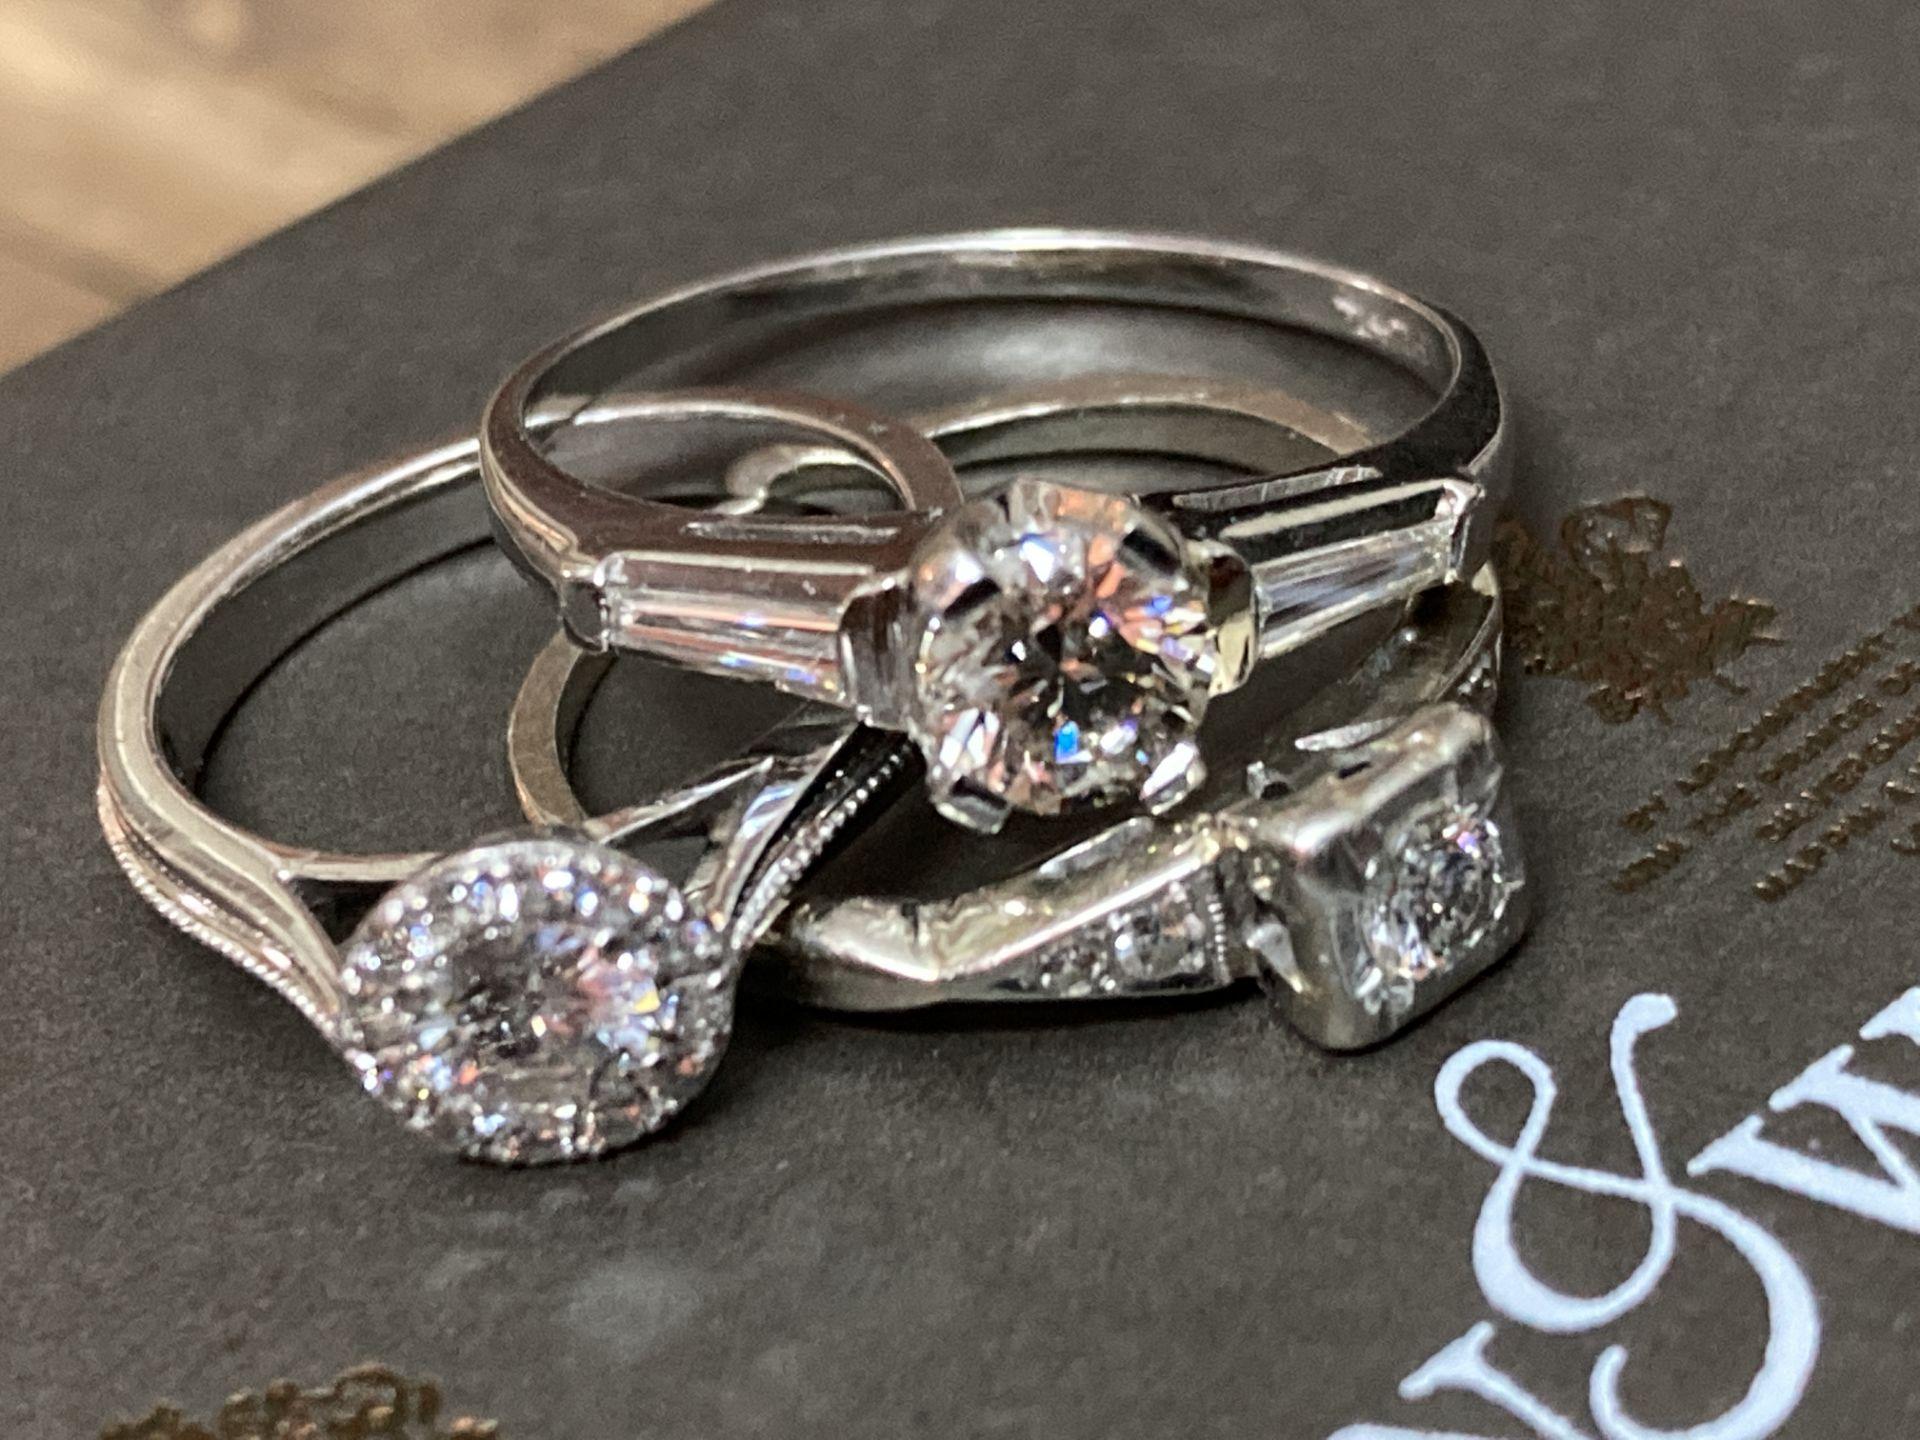 BEAUTIFUL TRIO OF DIAMOND RINGS - Image 5 of 6